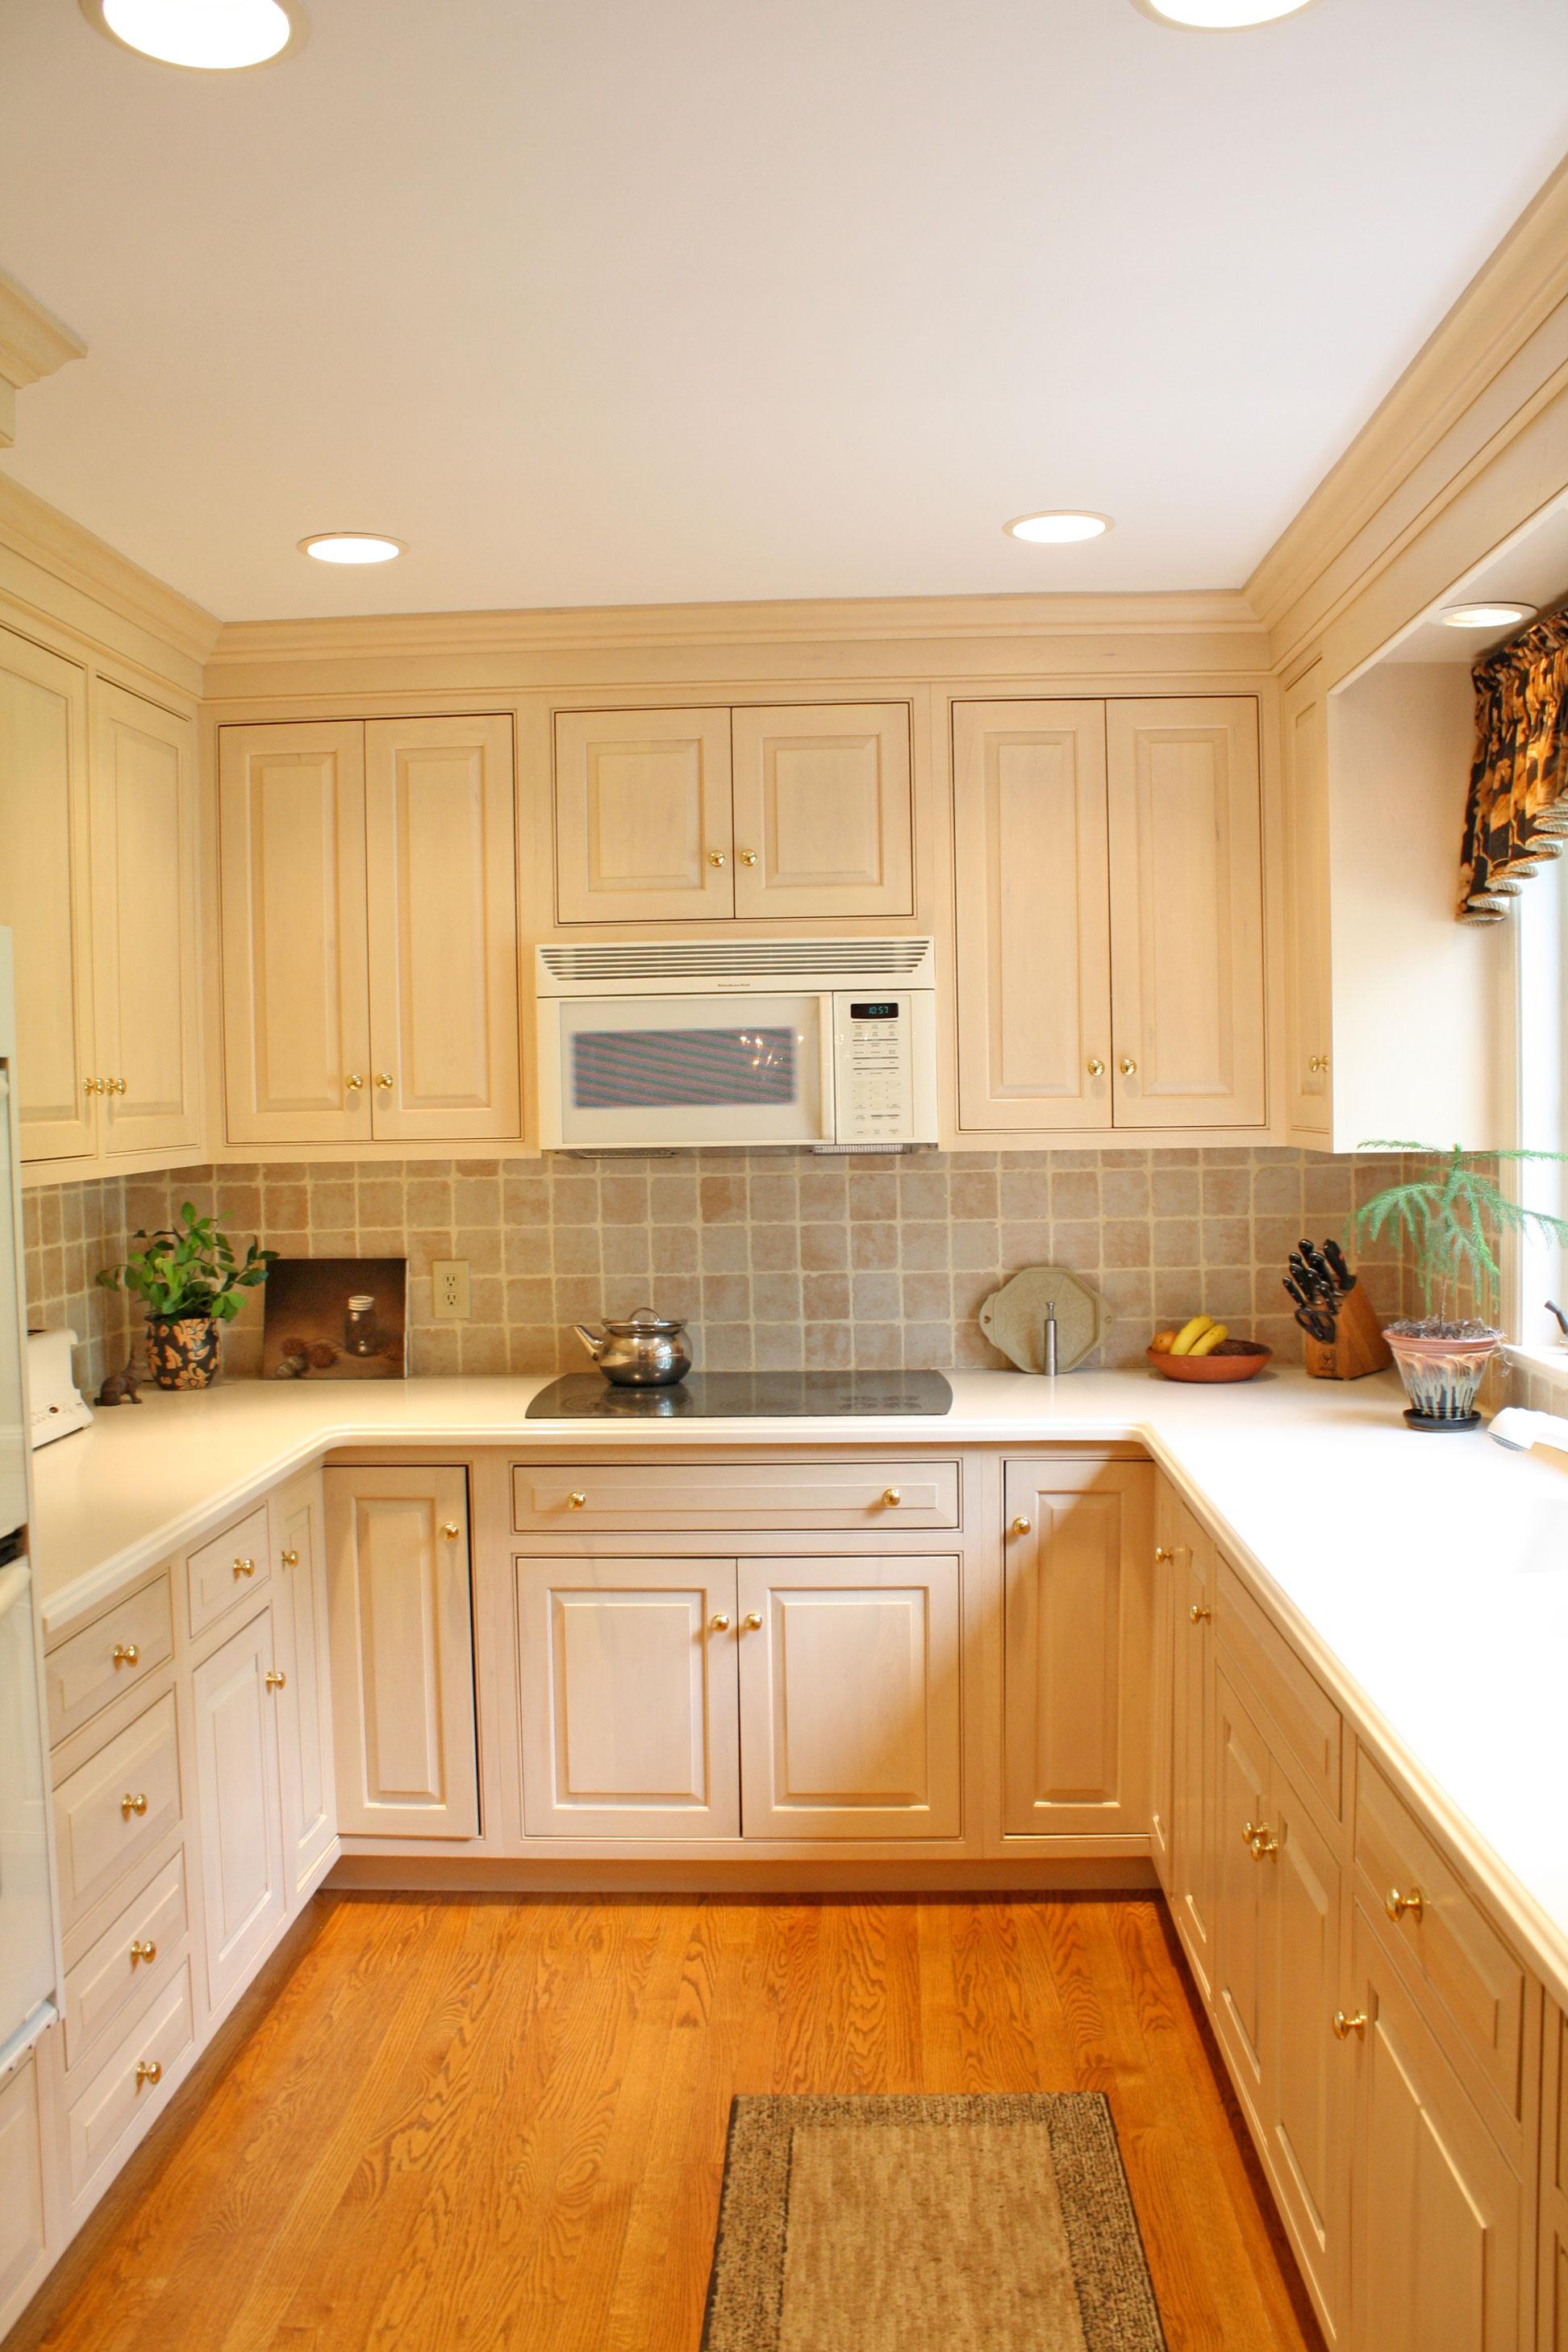 kitchen-beige-cabinets.jpg